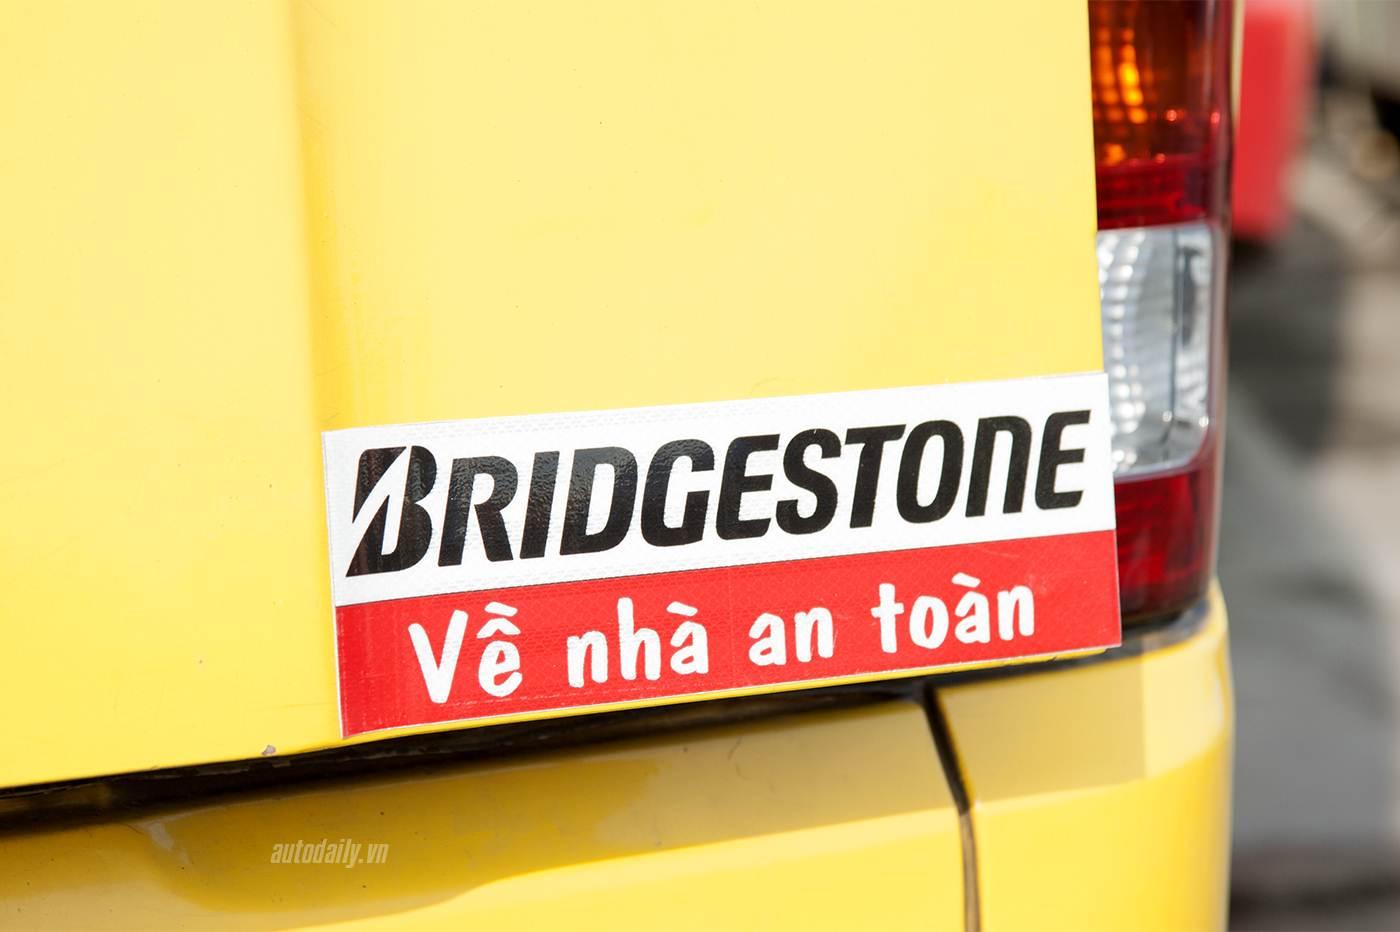 Tổng kết chiến dịch Bridgestone Về Nhà An Toàn sau 6 tháng triển khai